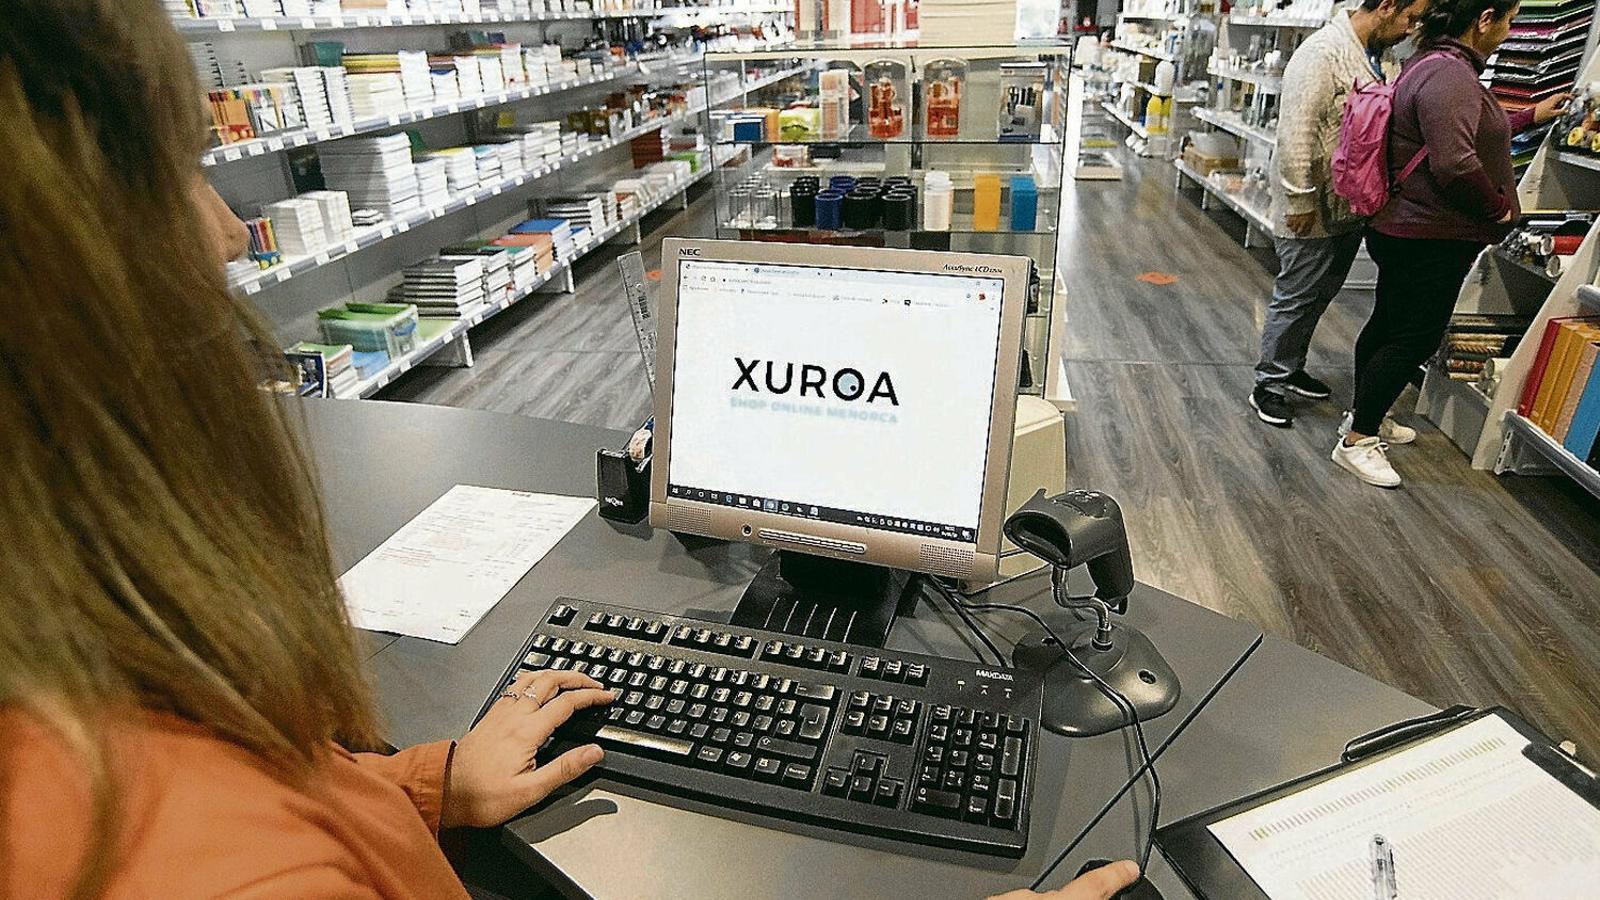 El portal Xuroa.com ha estat un èxit i cada cop s'adhereixen més establiments a la xarxa creada per Ascome.